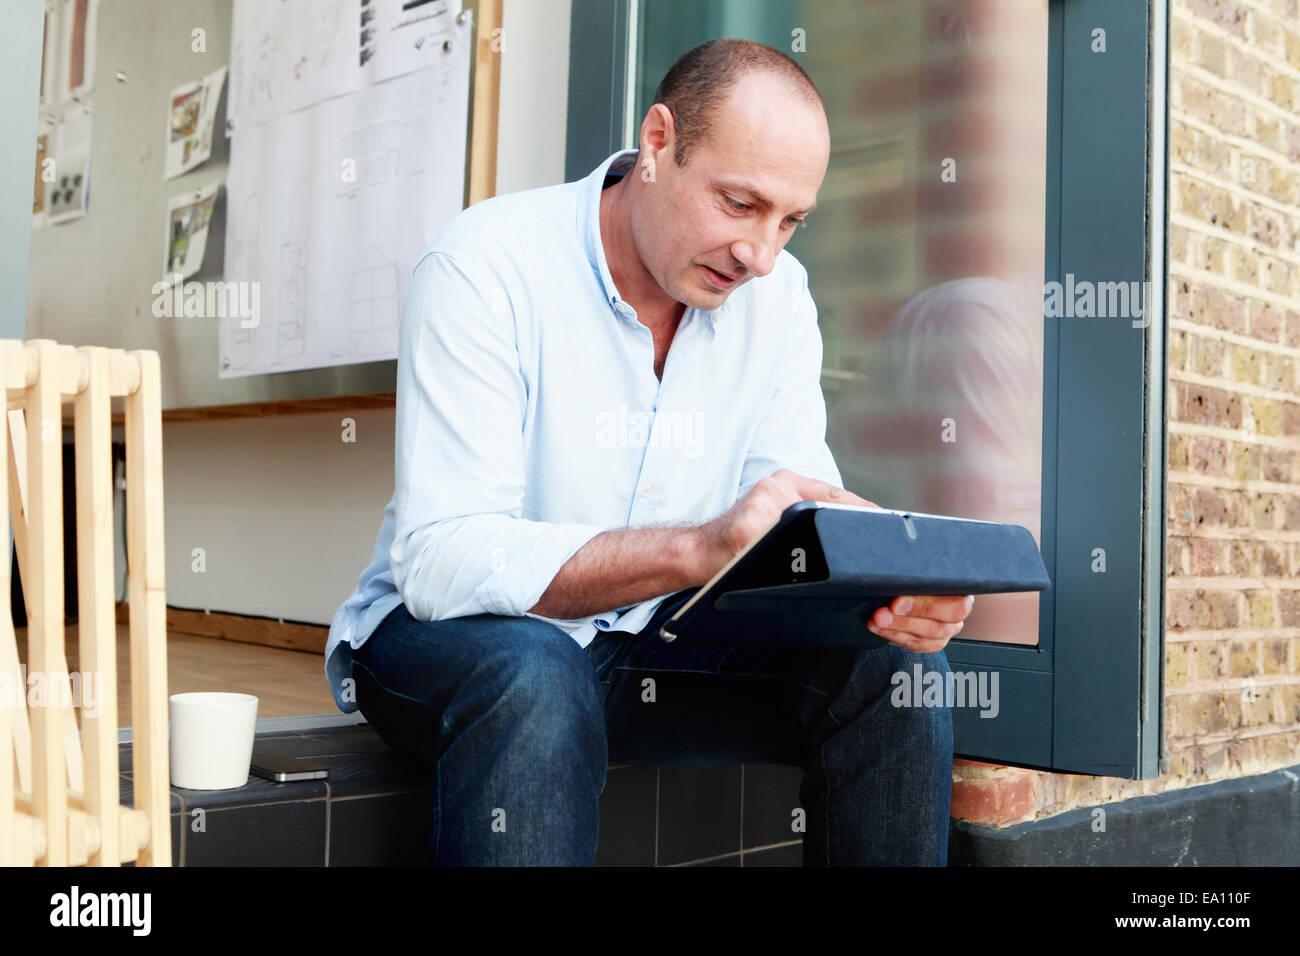 L'écran tactile à l'aide d'architecte masculins sur tablette numérique sur l'étape de bureau Banque D'Images